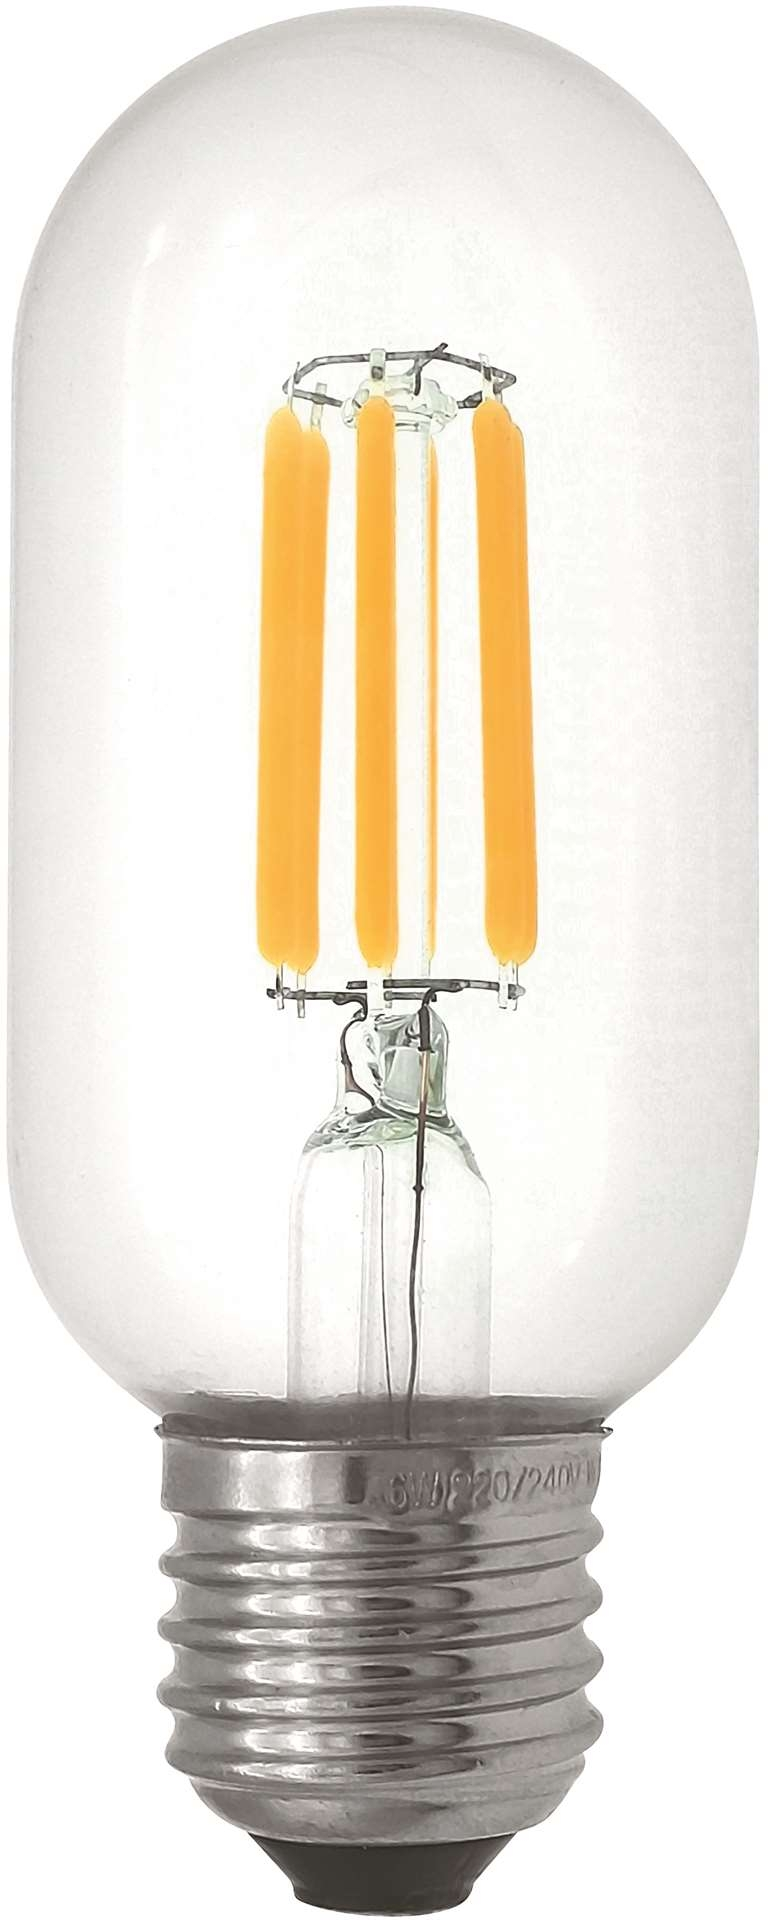 Filament Led-Lampa, T45, Klar, 4W, E27, 230V